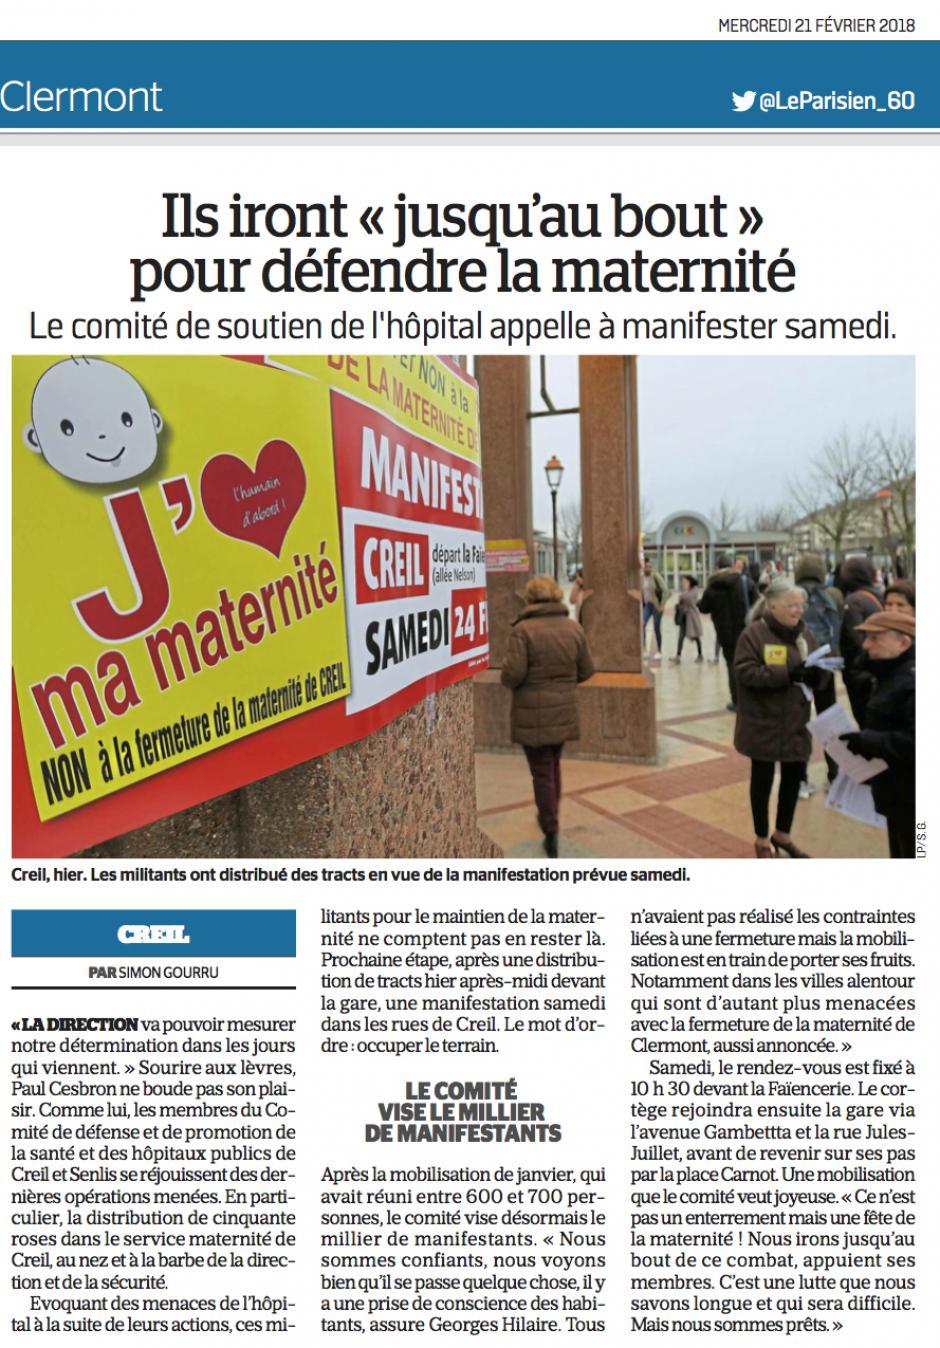 20180221-LeP-Creil-Ils iront « jusqu'au bout pour défendre la maternité »